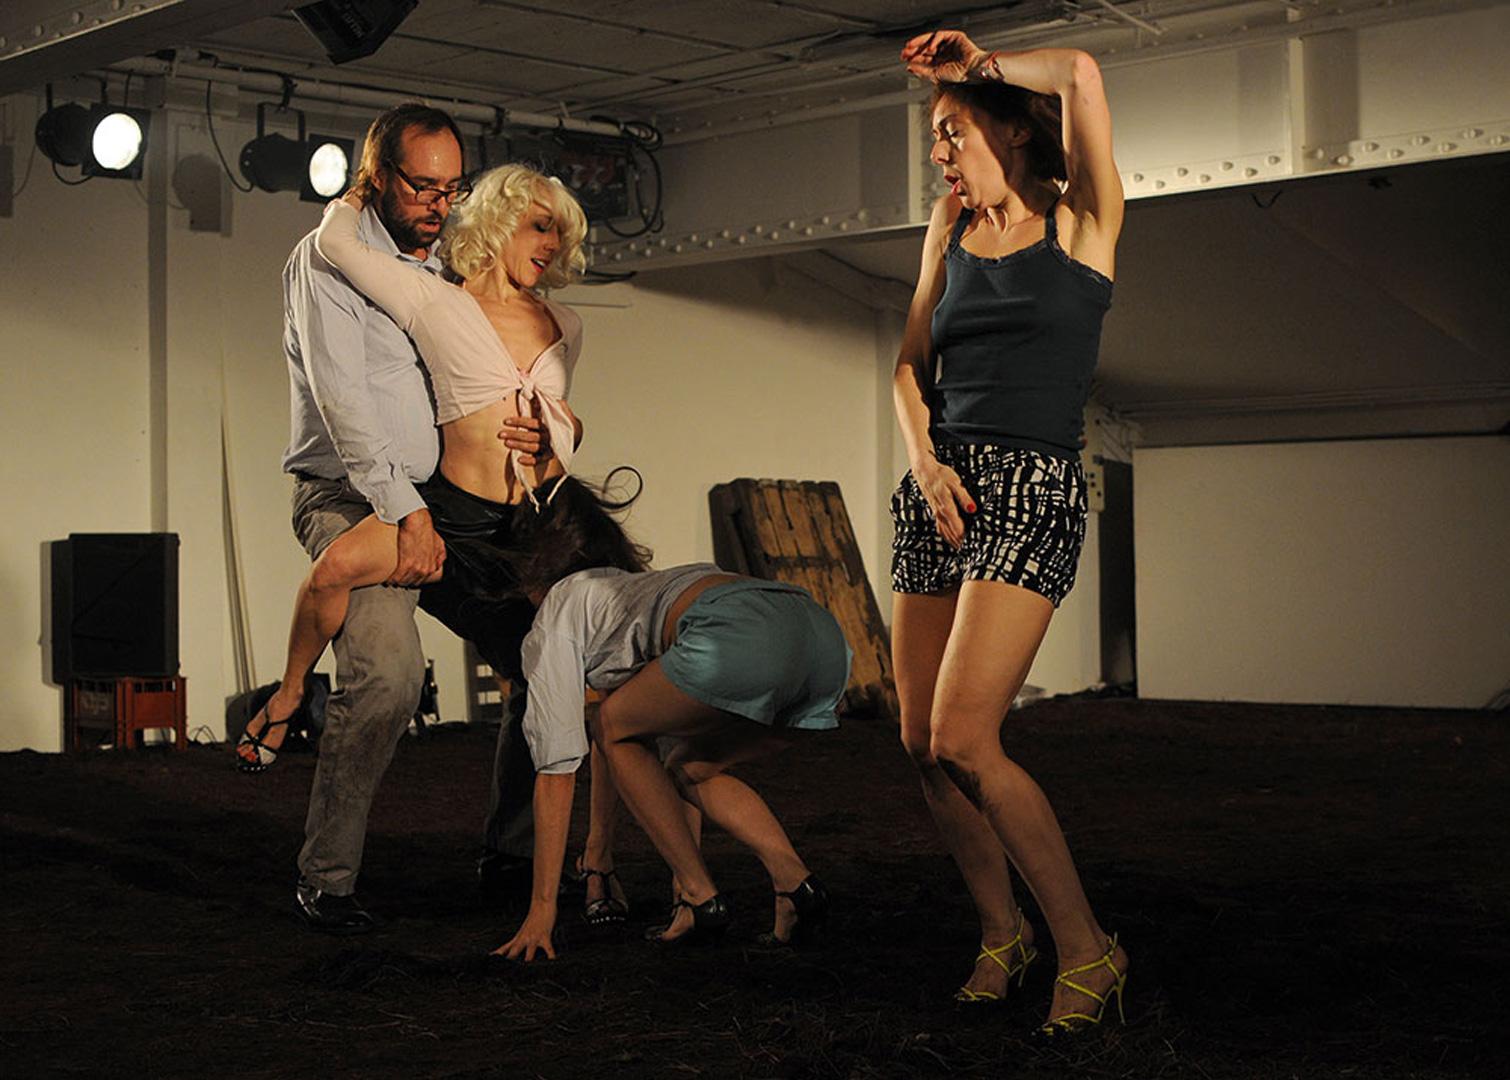 Les danseurs ont apprécié la qualité du parquet